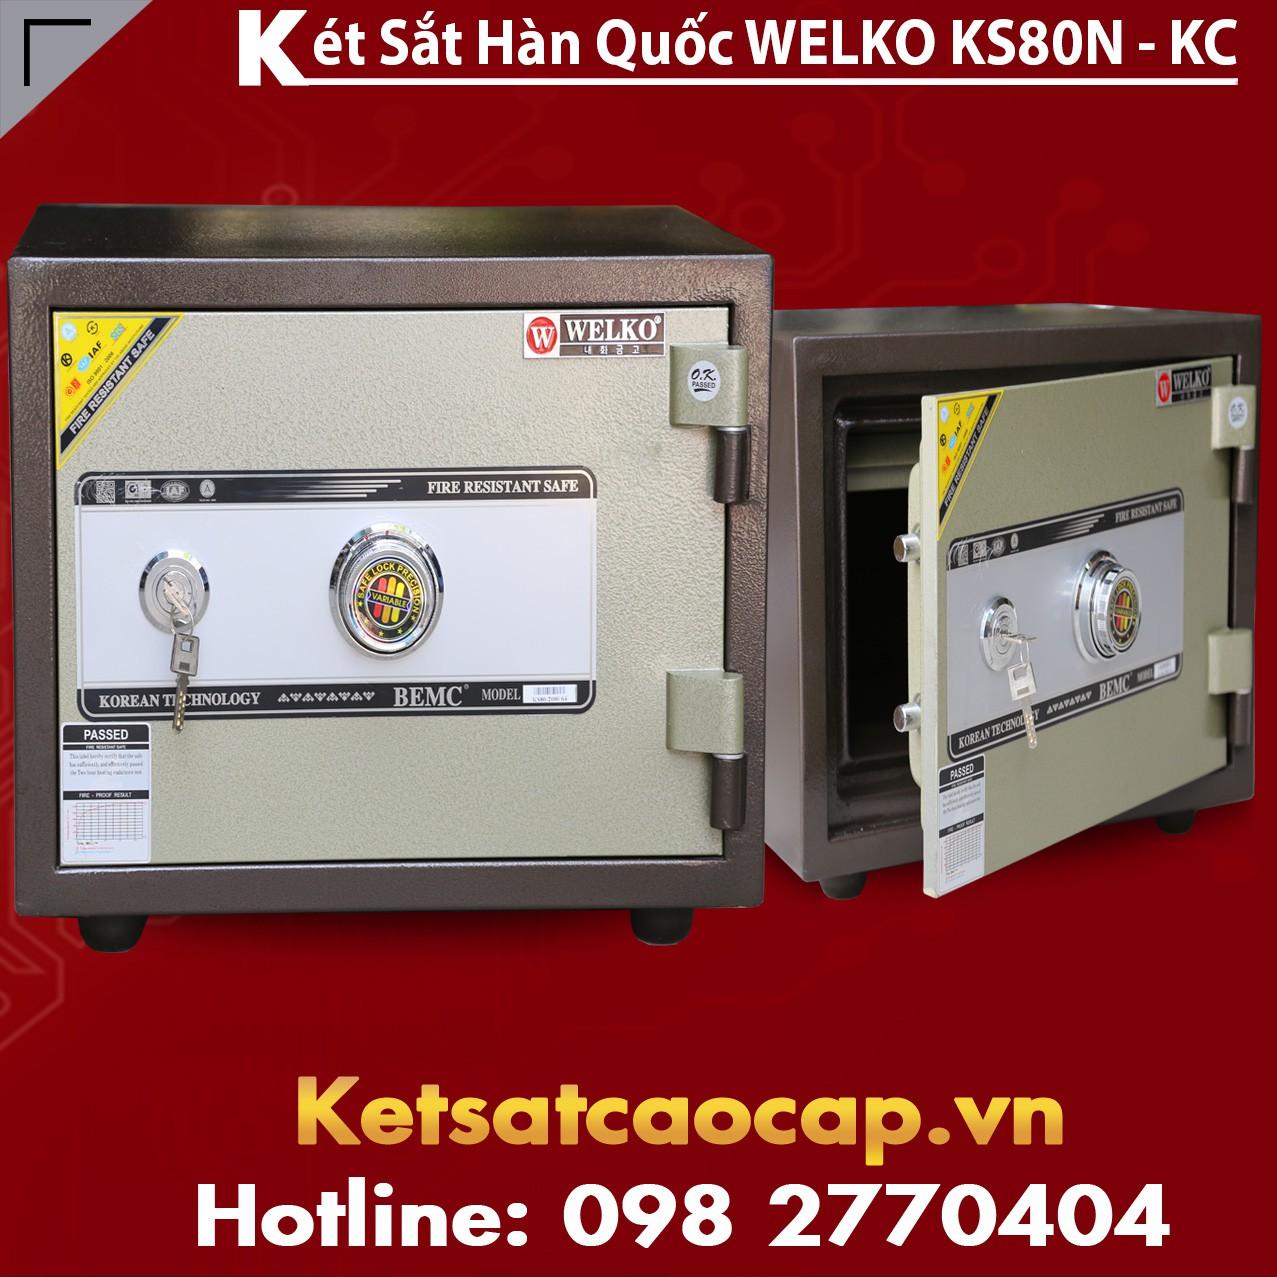 Két Sắt Văn Phòng KS160 - KC